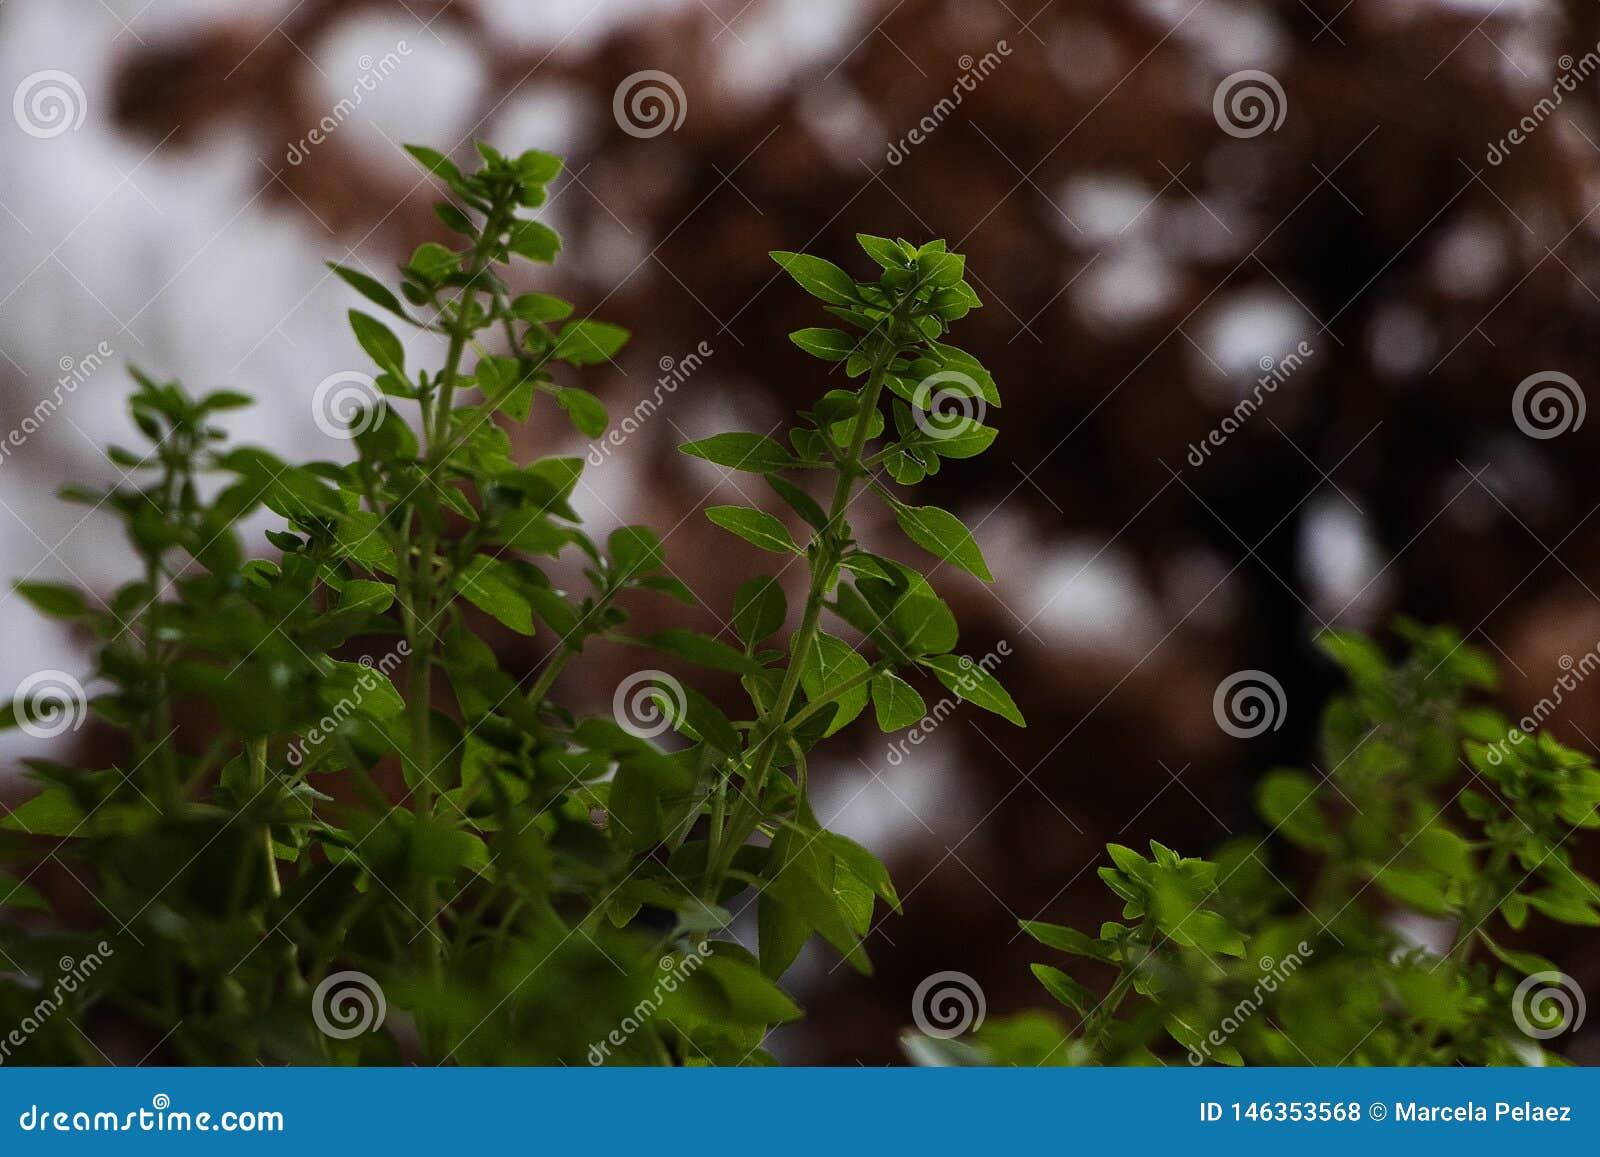 Groene basilicuminstallatie met uit nadruk bruine achtergrond kleine het groeien bladeren